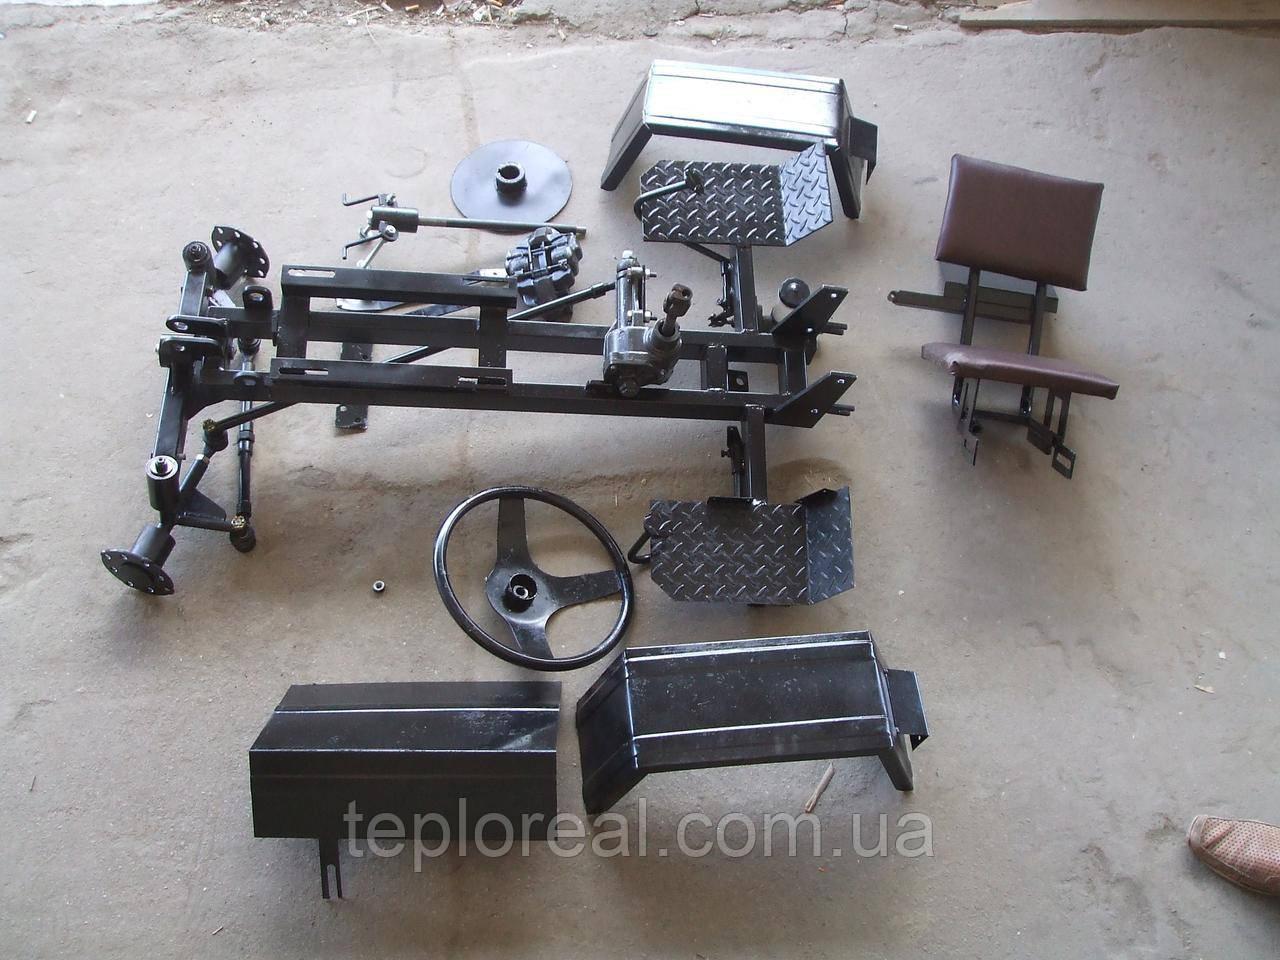 Комплект для переоборудования мотоблока в минитрактор с регулируемой балкой (КИТ ПРЕМИУМ-3)